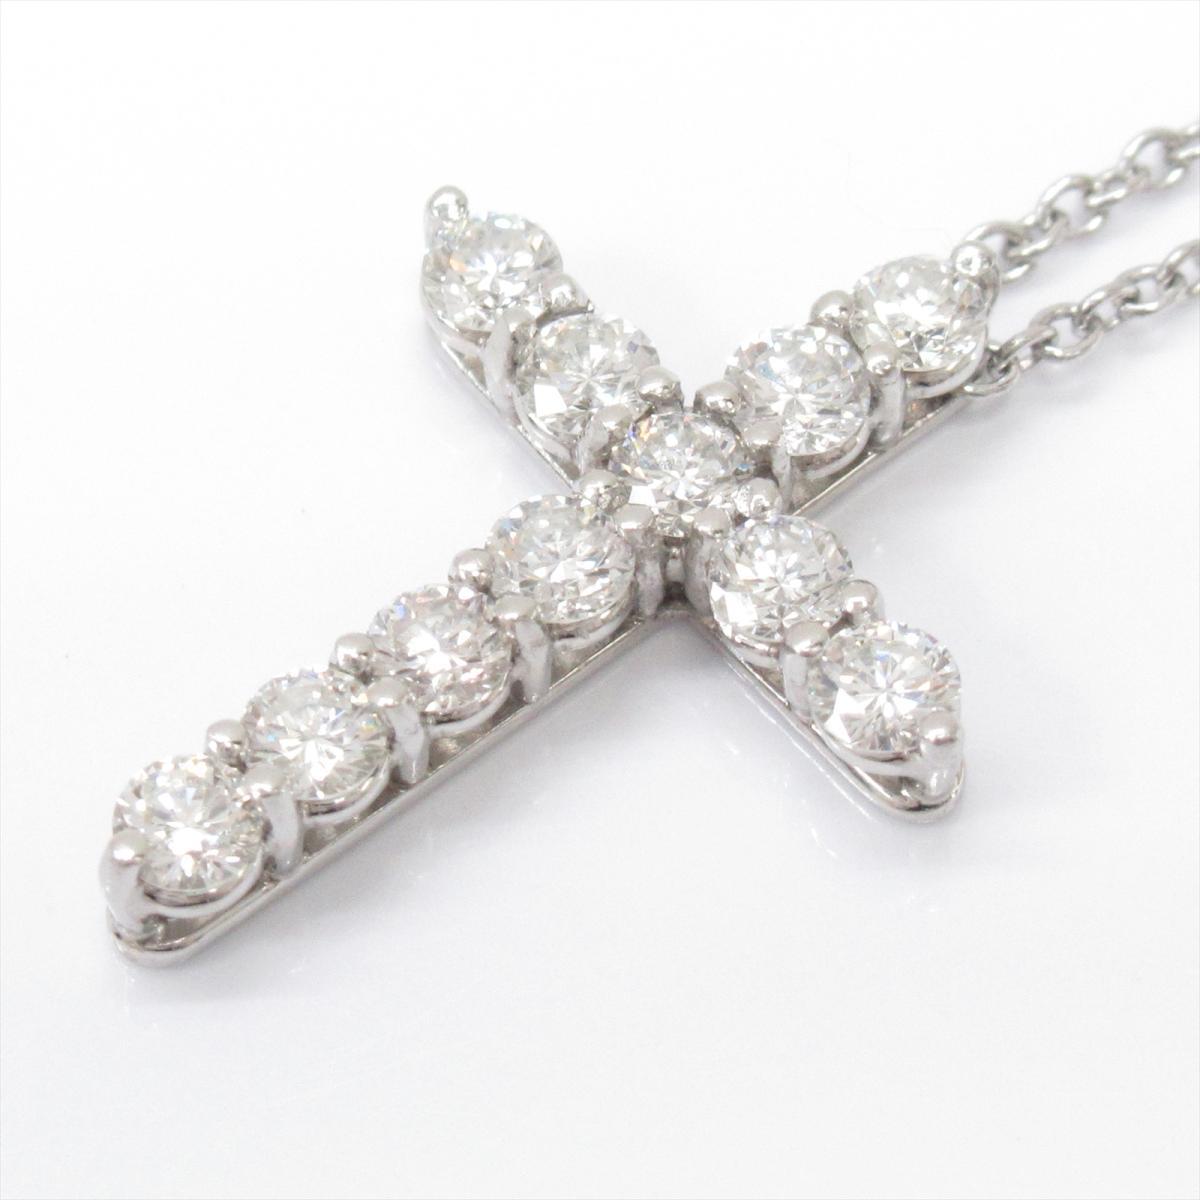 【中古】ティファニー クロス ダイヤモンド ネックレス レディース PT950 プラチナxダイヤモンド(石目なし)